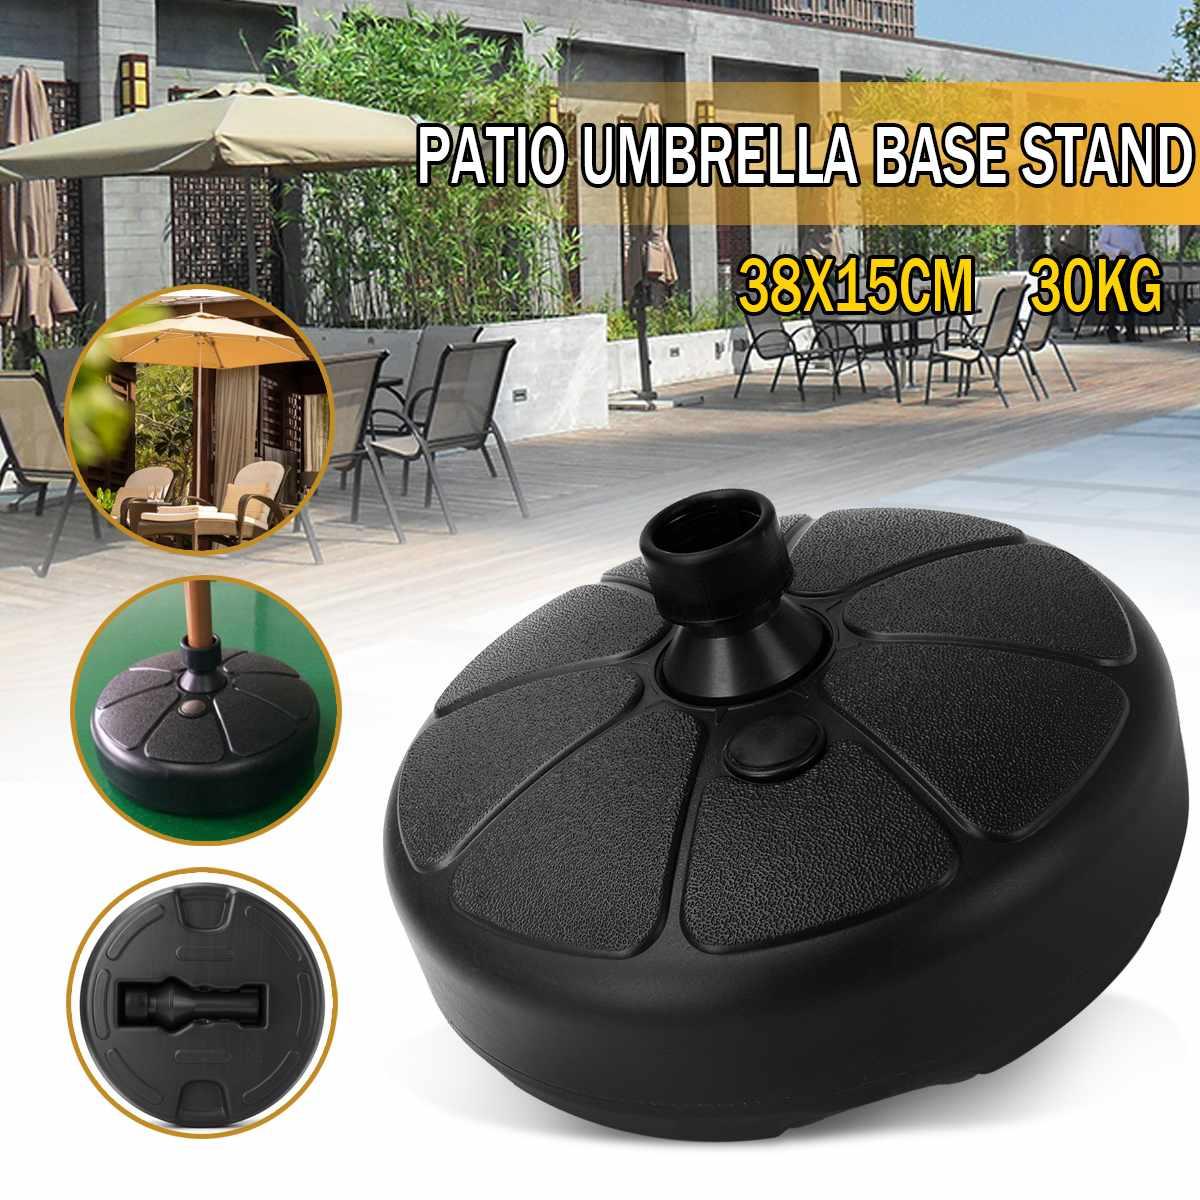 Sombrilla exterior duradera portátil, sombrilla de jardín, Base de soporte, Patio redondo, playa, jardín sombrilla de patio, accesorio de refugio solar